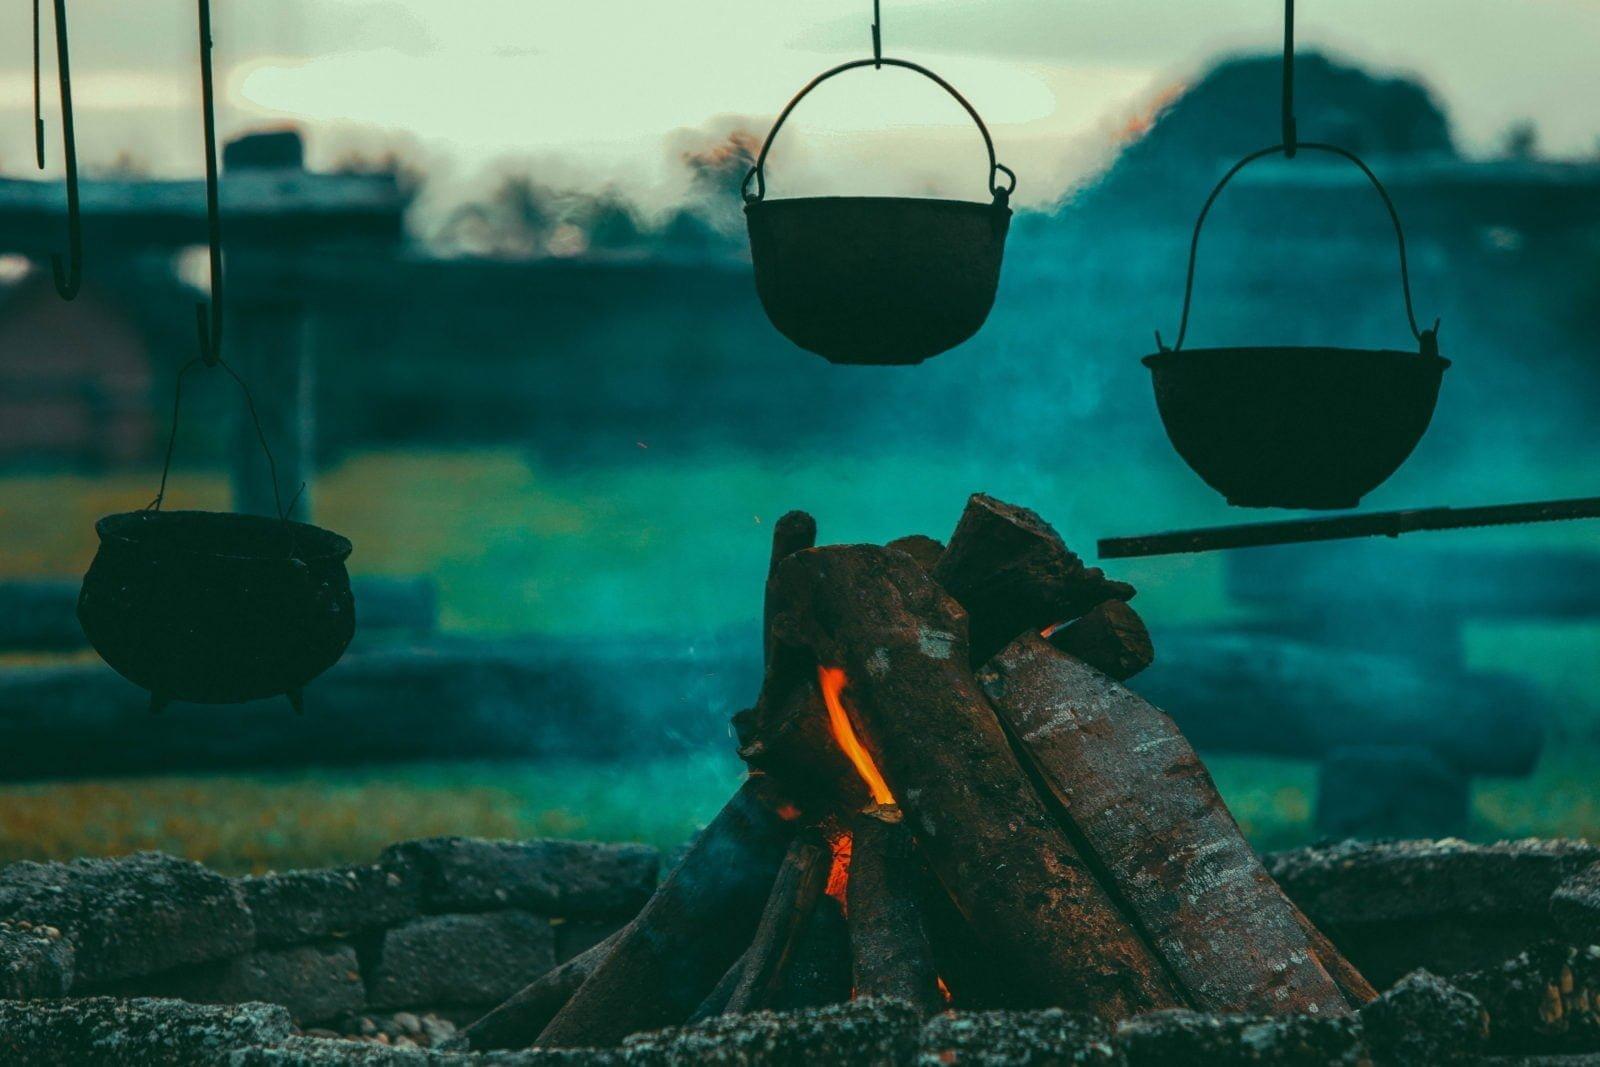 Comidas fáciles de cocinar a fuego después de un desastre